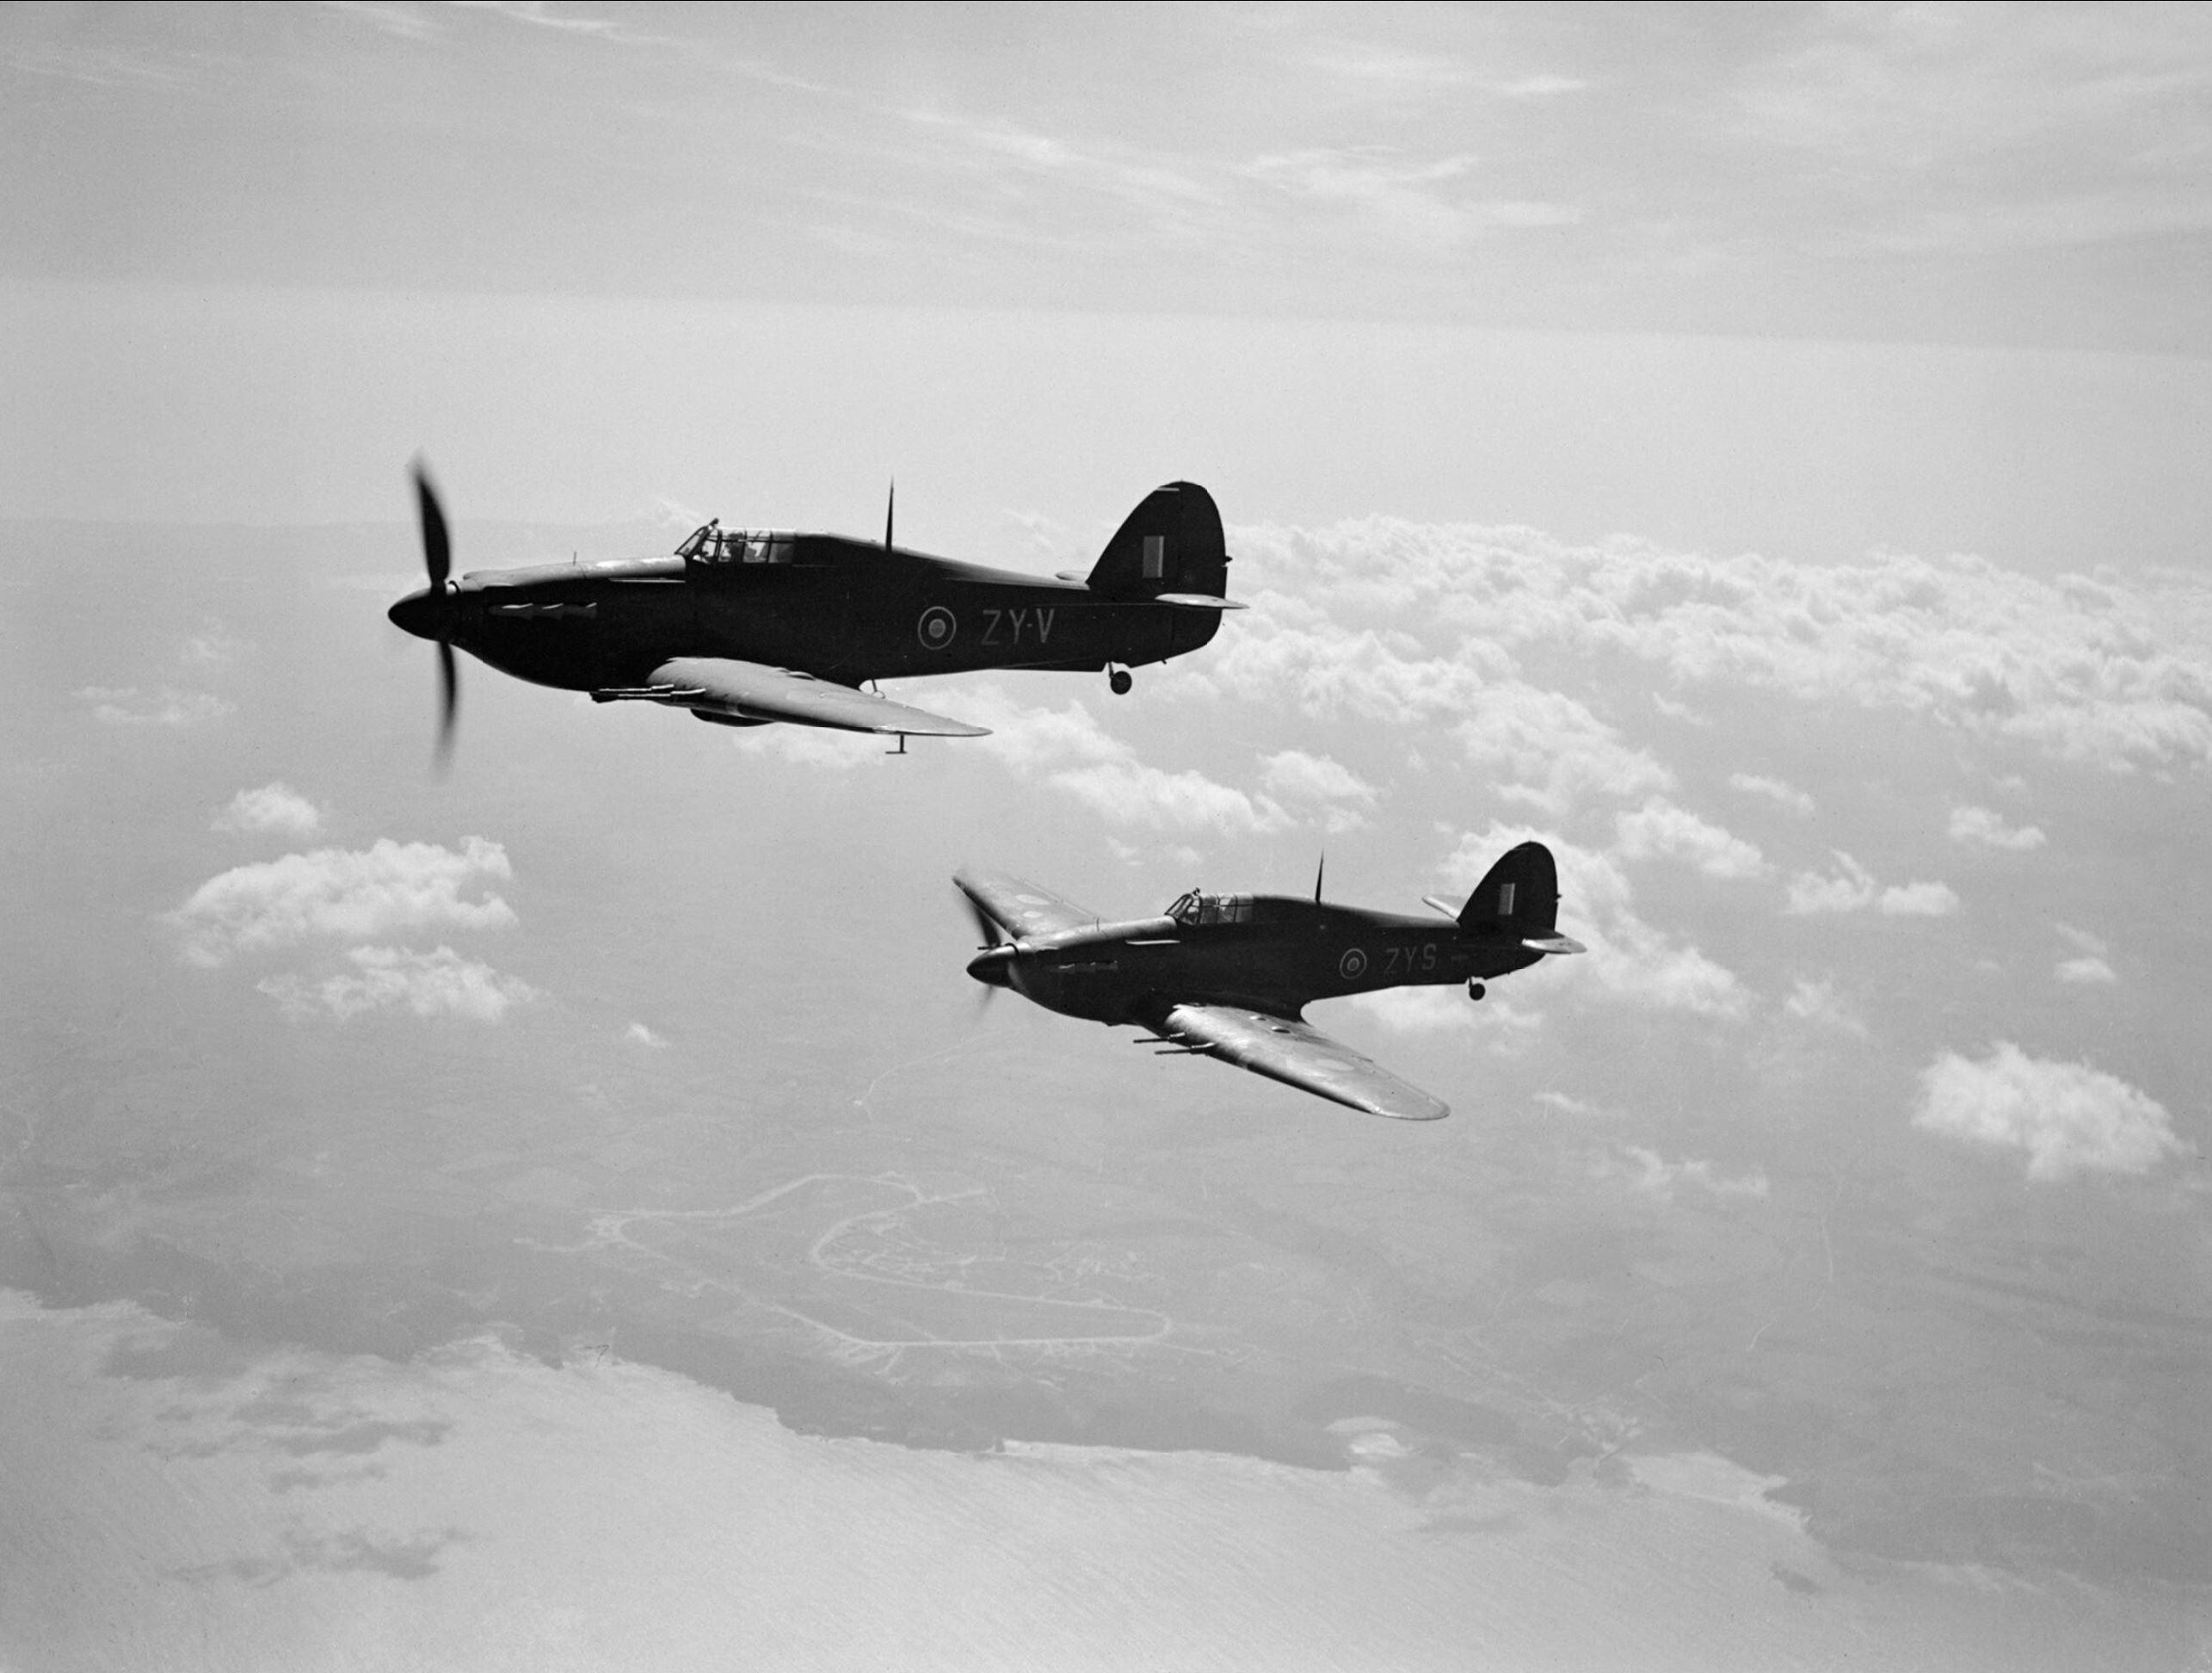 Hurricane IIC RAF 247Sqn ZYV BE634 ZYS BD936 based at Predannack Cornwall IWM CH5485